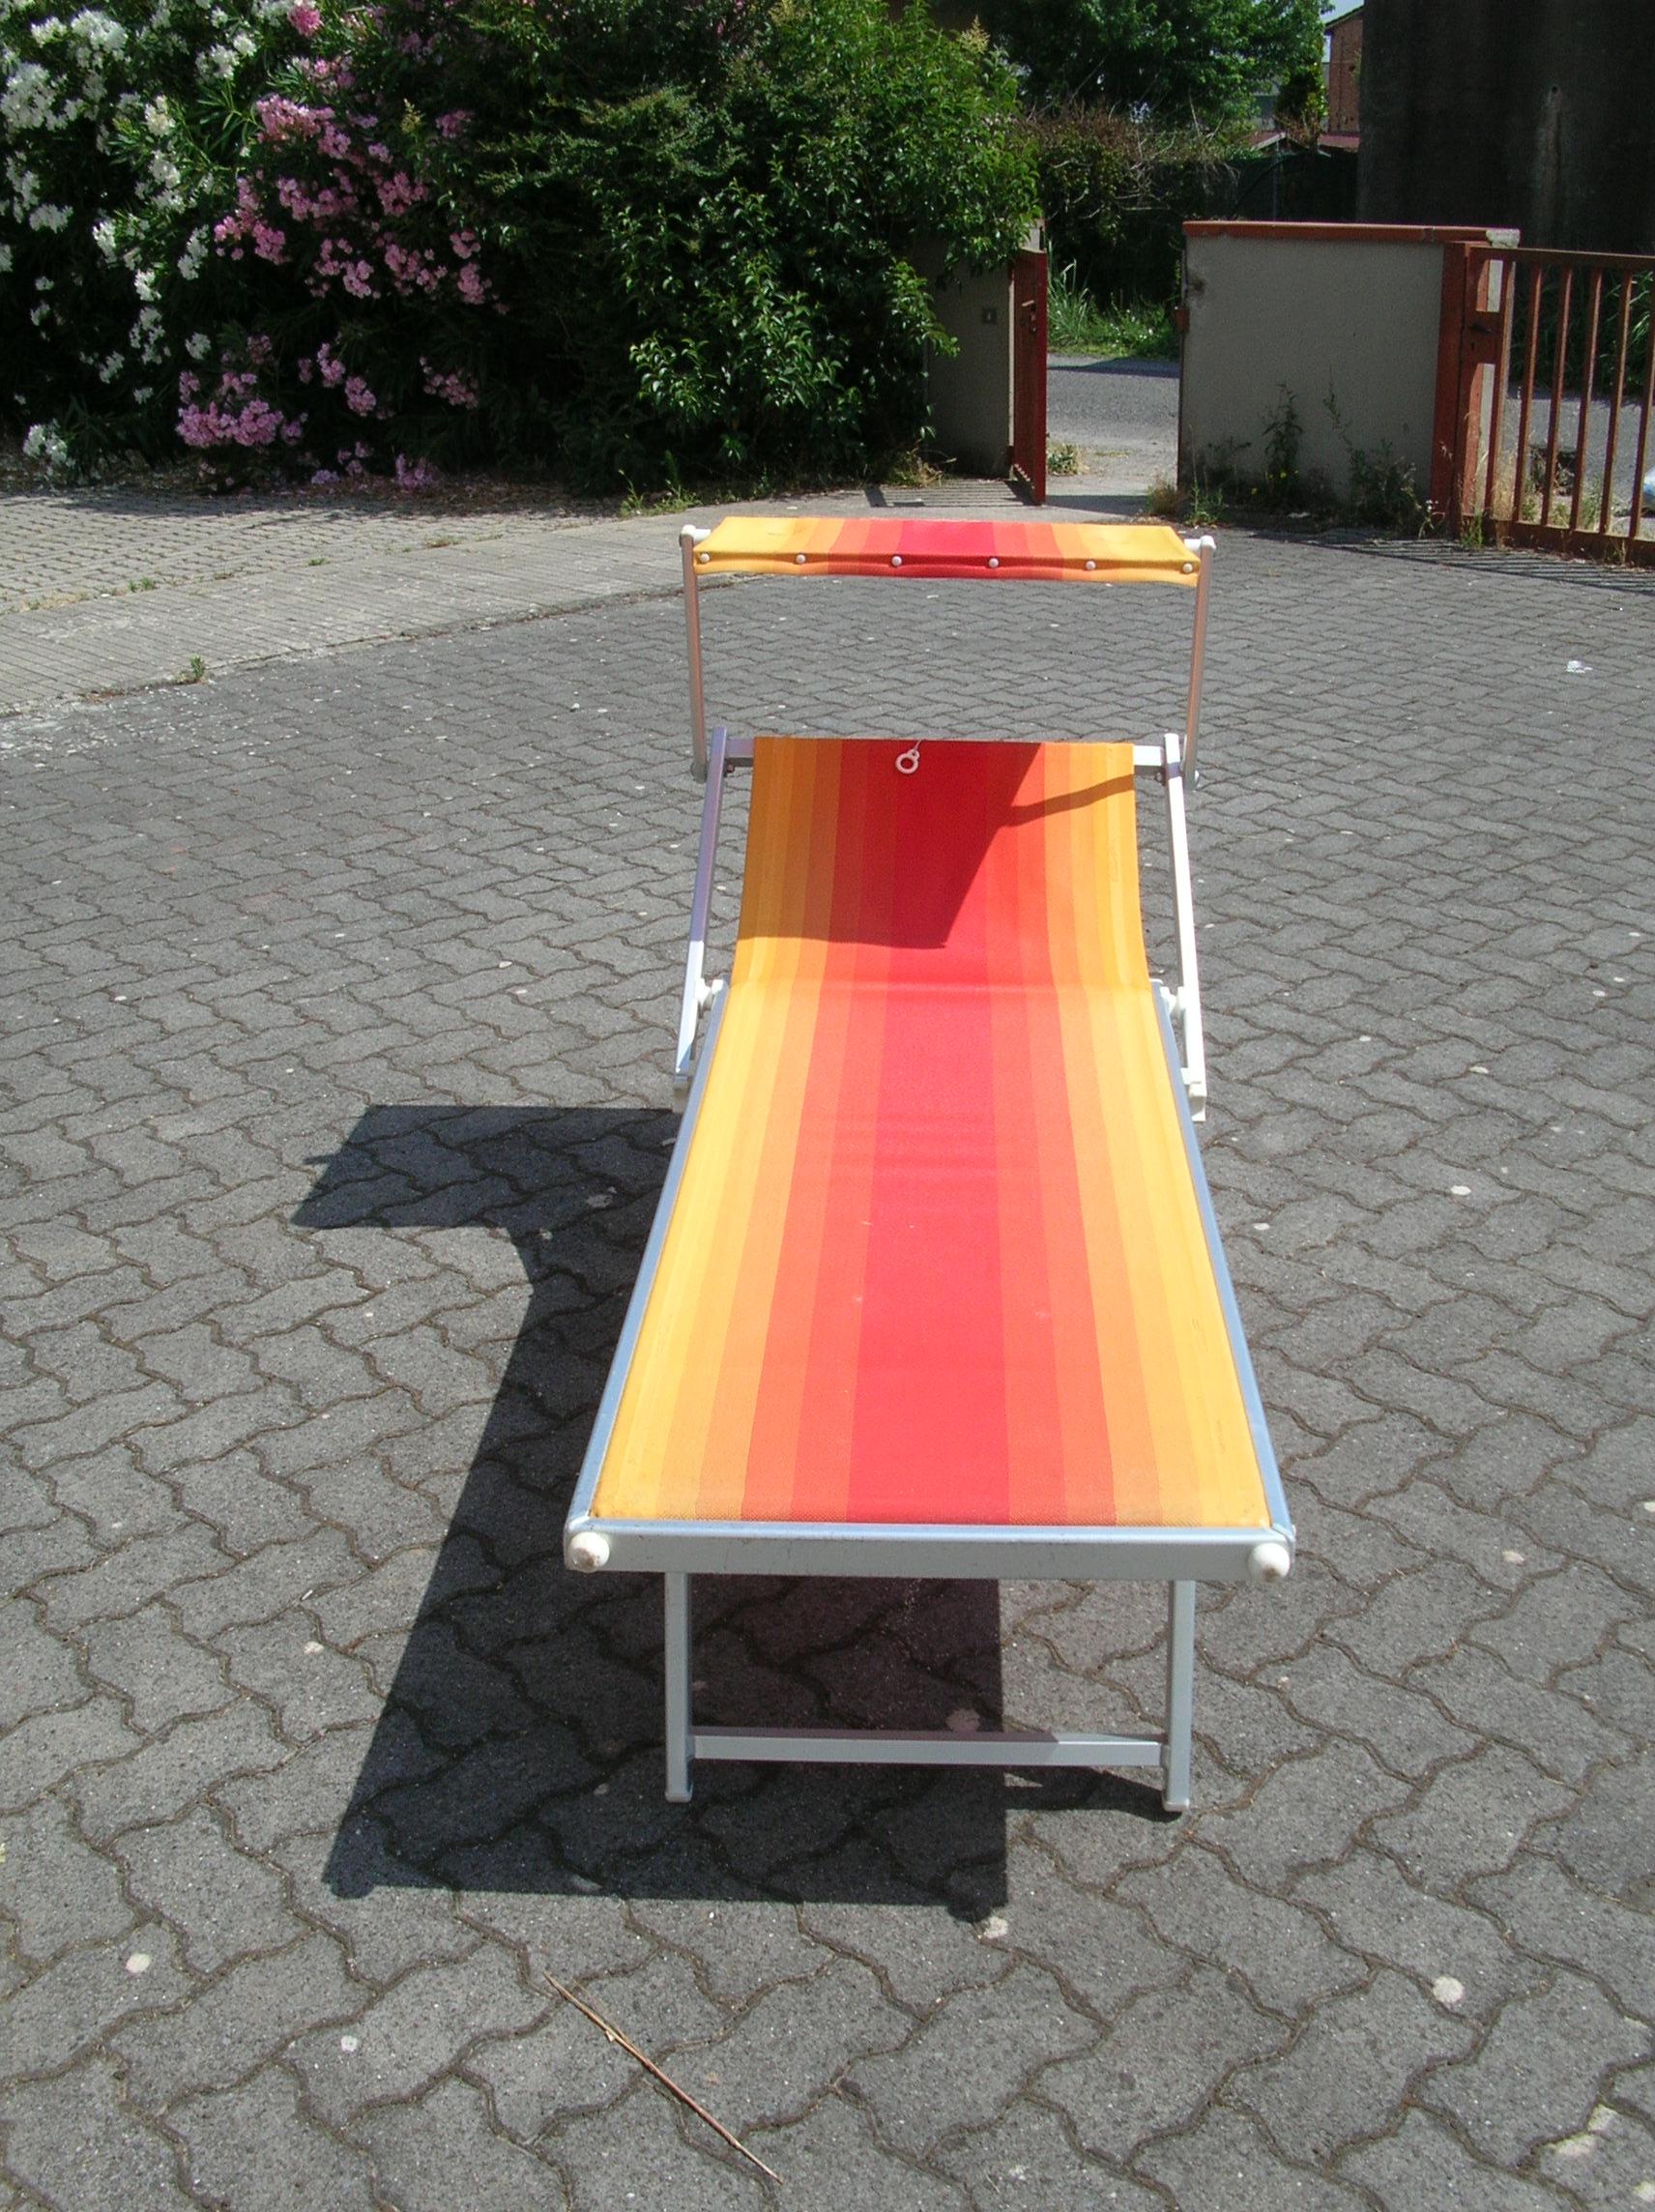 lettini per massaggio usati: lettino elettrico usato: lettino ... - Lettino Per Massaggio Usato Milano